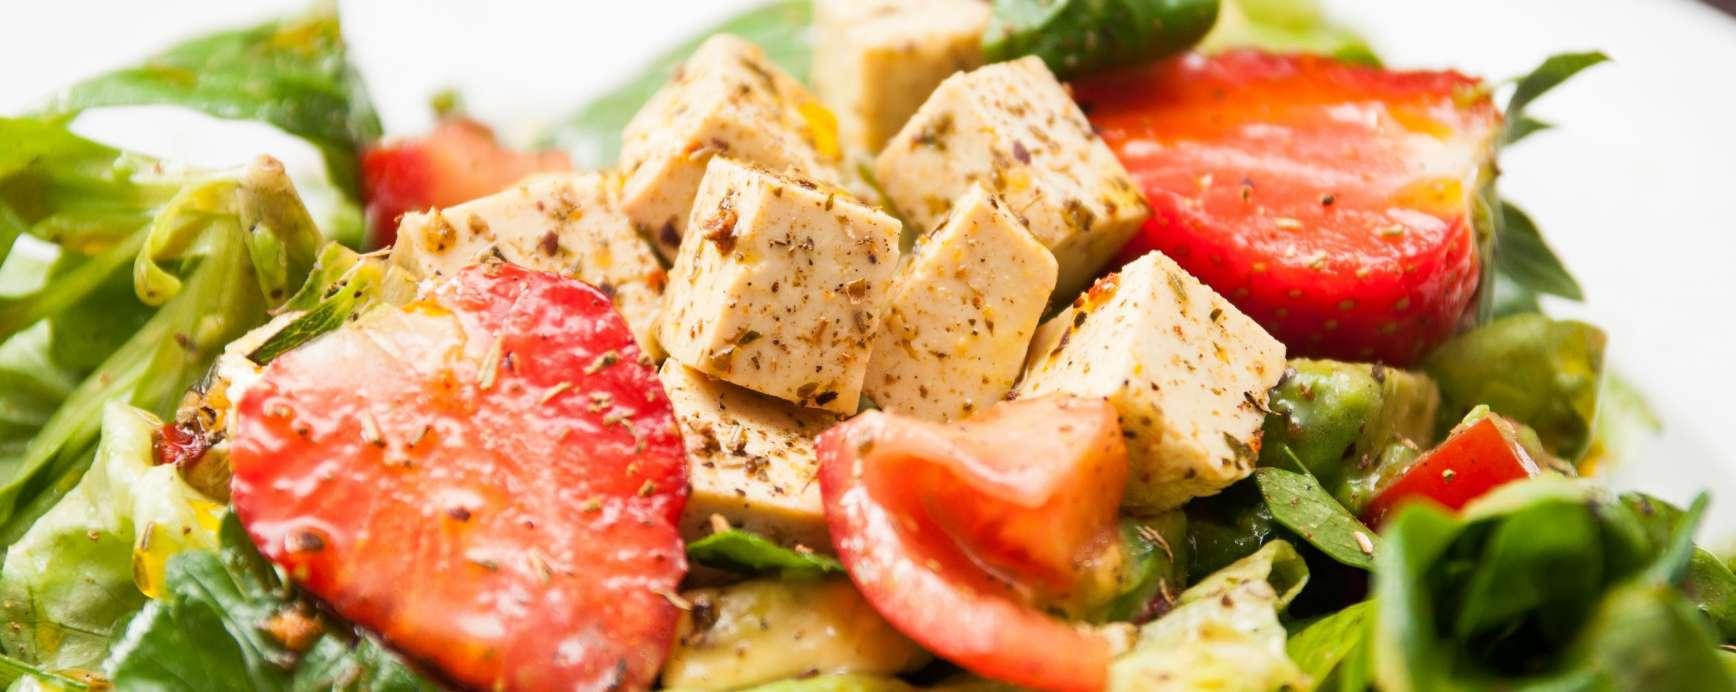 Fromage végétalien à base de tofu recette